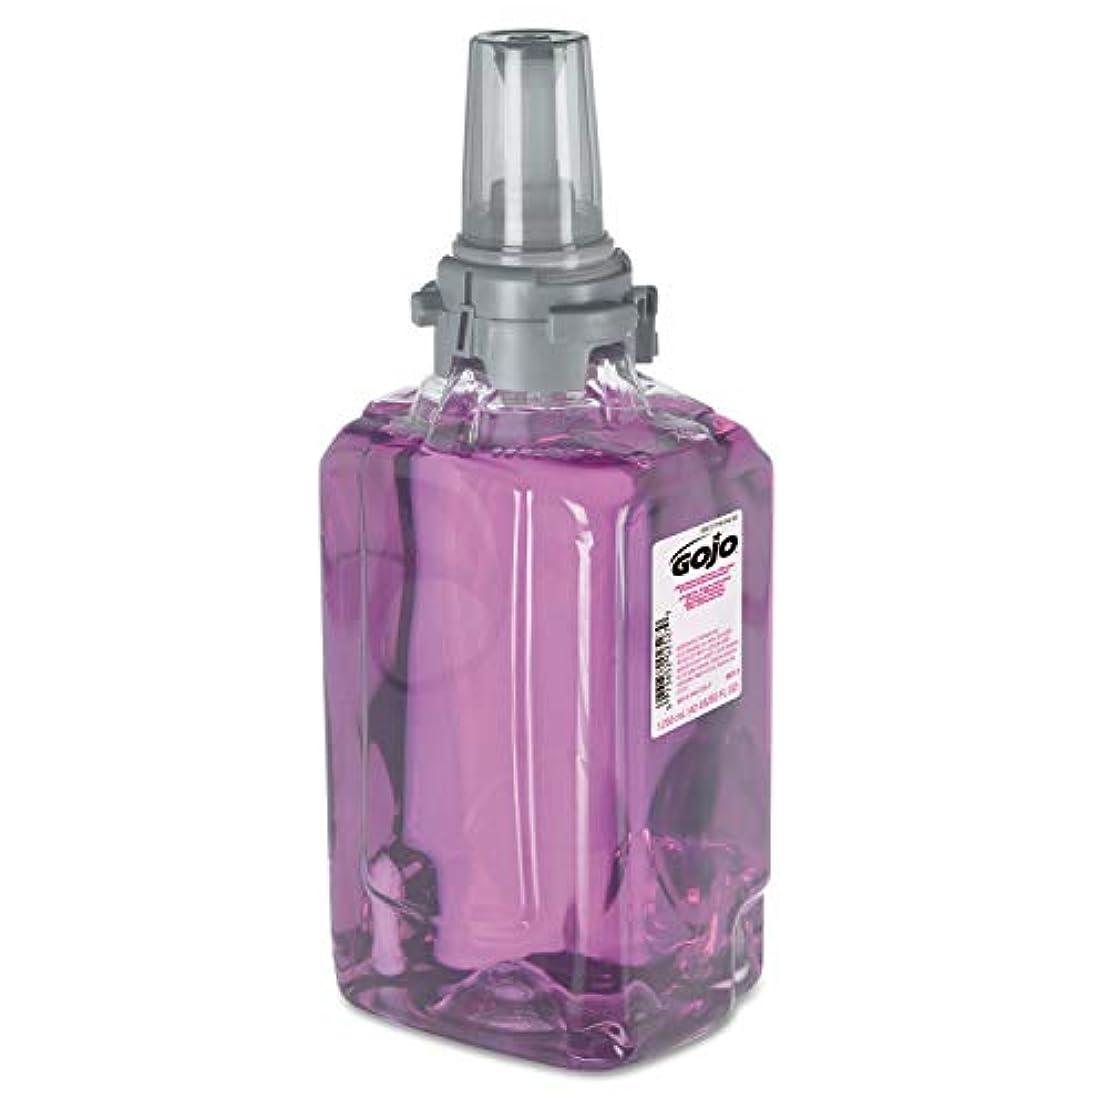 なので出血戦争goj881203ct – 抗菌Foam Handwash